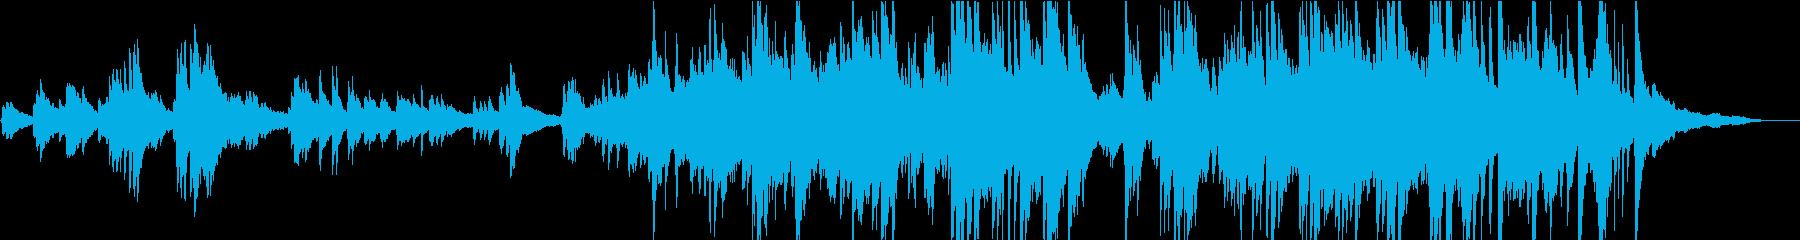 生演奏 しっとりと感動的なピアノソロの再生済みの波形